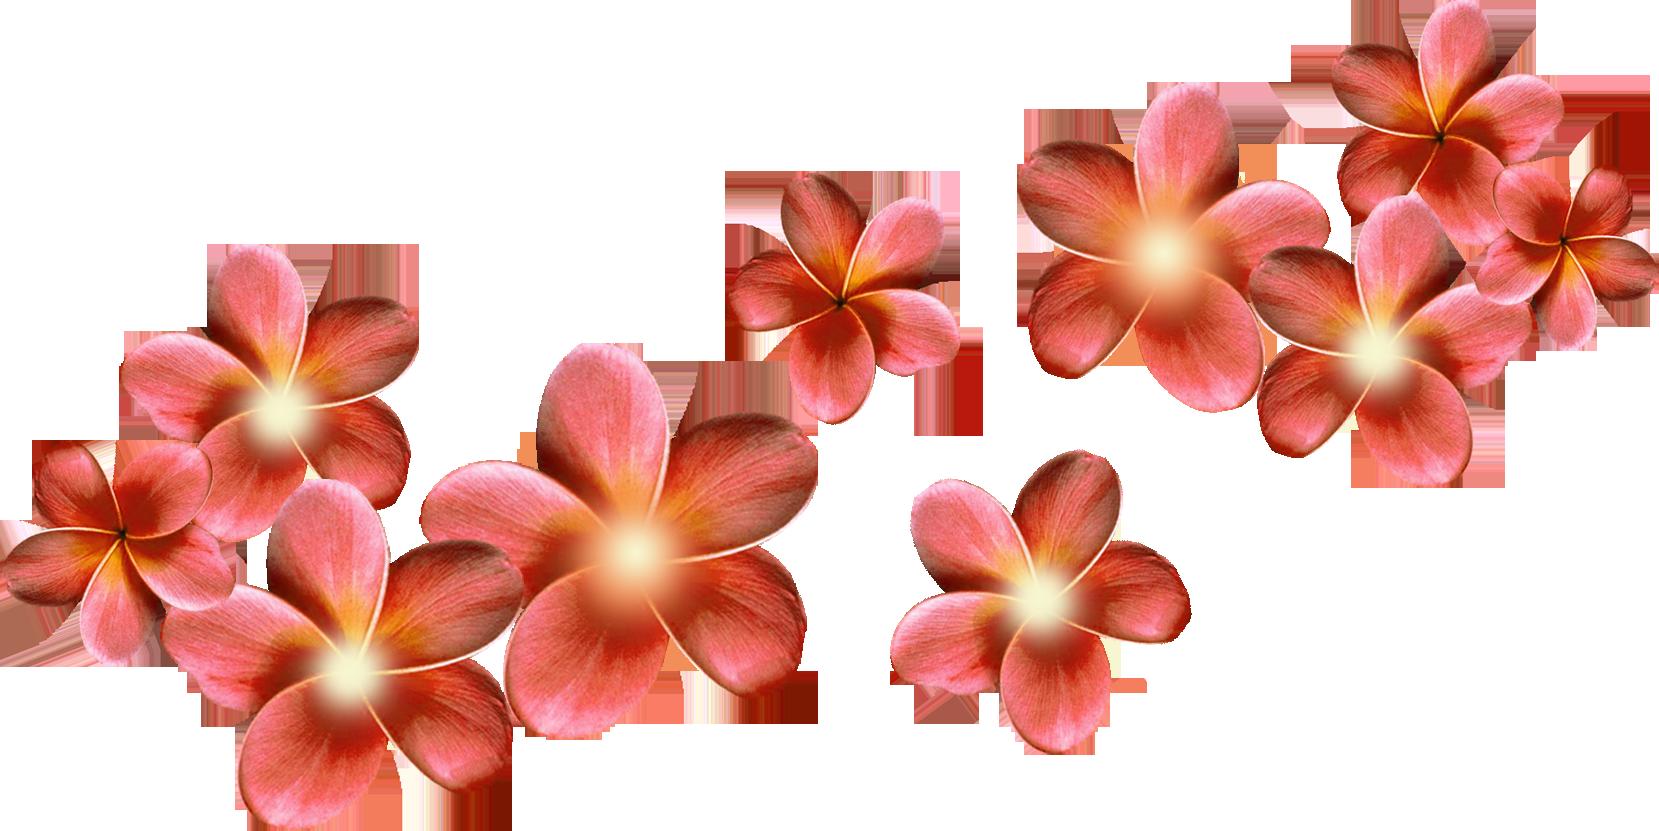 цветы в виде колокольчиков фото и названия